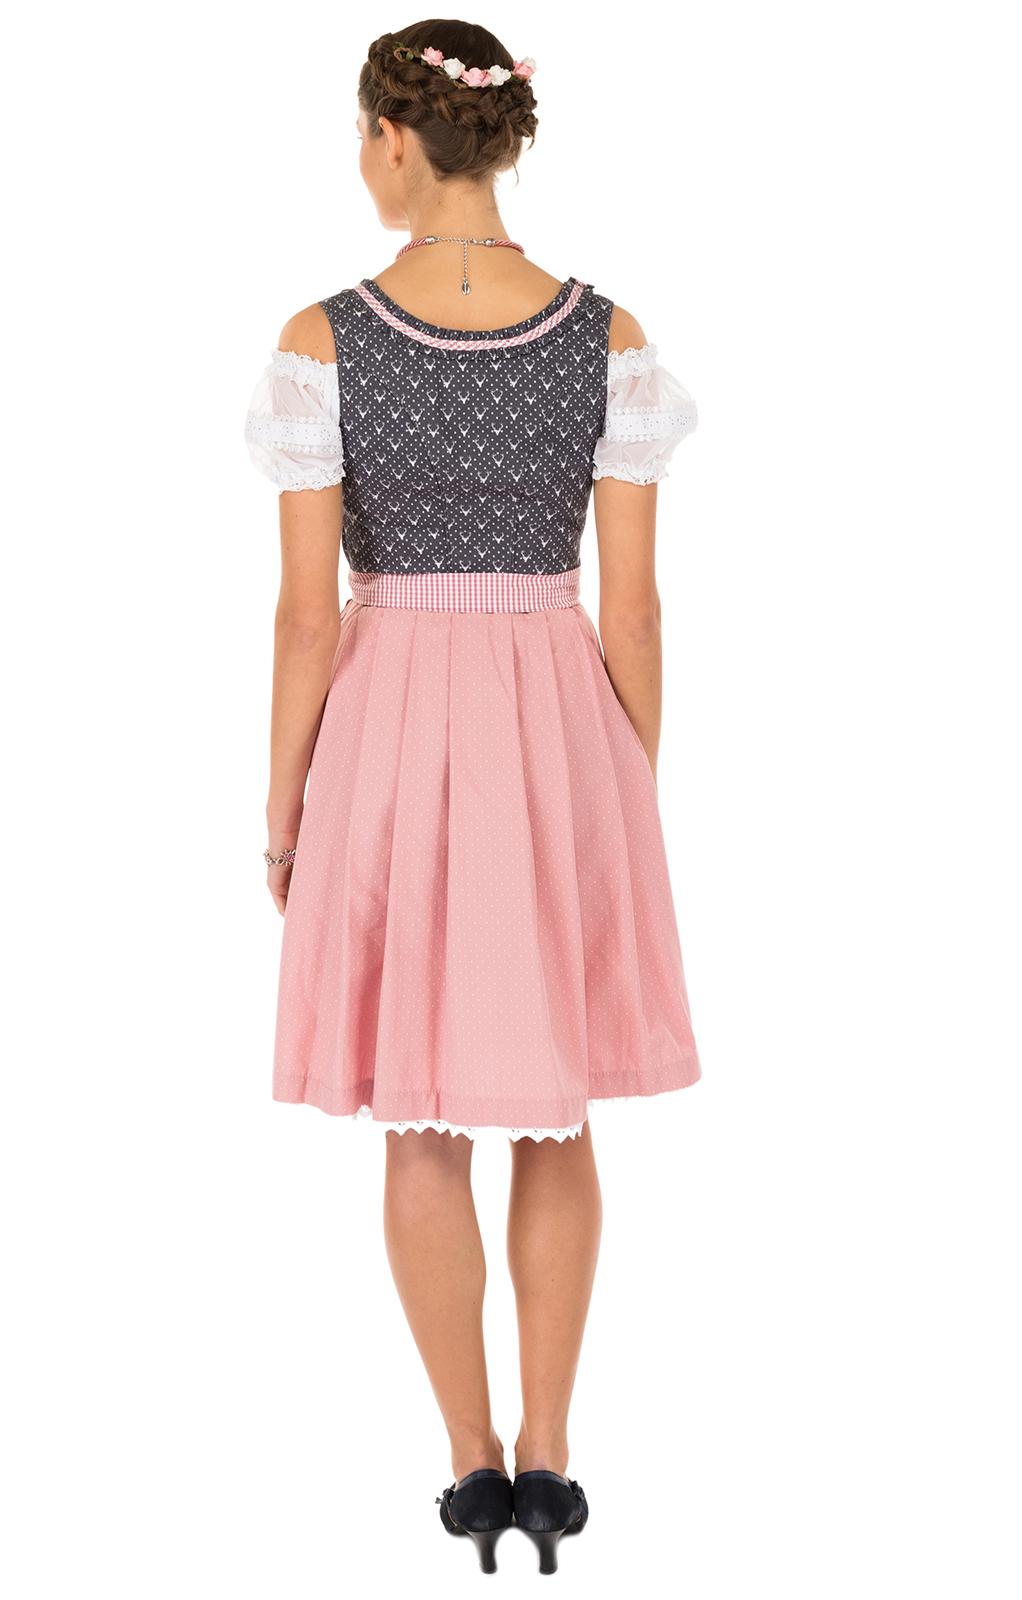 weitere Bilder von Minidirndl 2pcs. 55 cm Ernesta black pink